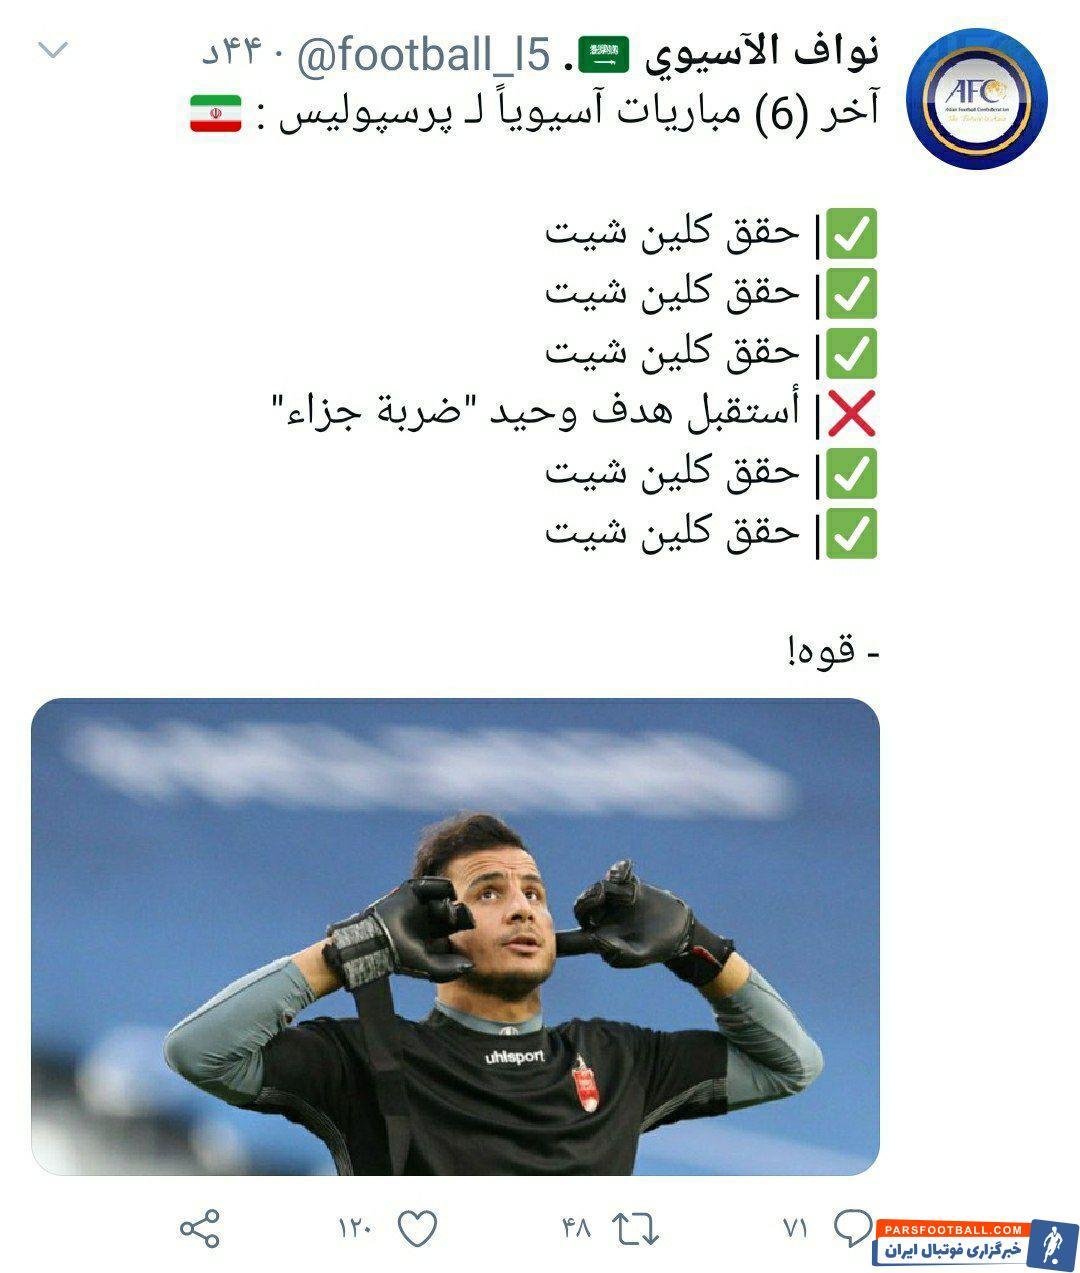 نواف الاسیوی، خبرنگار عربستانی حالا نسبت به درخشش حامد لک دروازه بان پرسپولیس در لیگ قهرمانان واکنش نشان داده است.